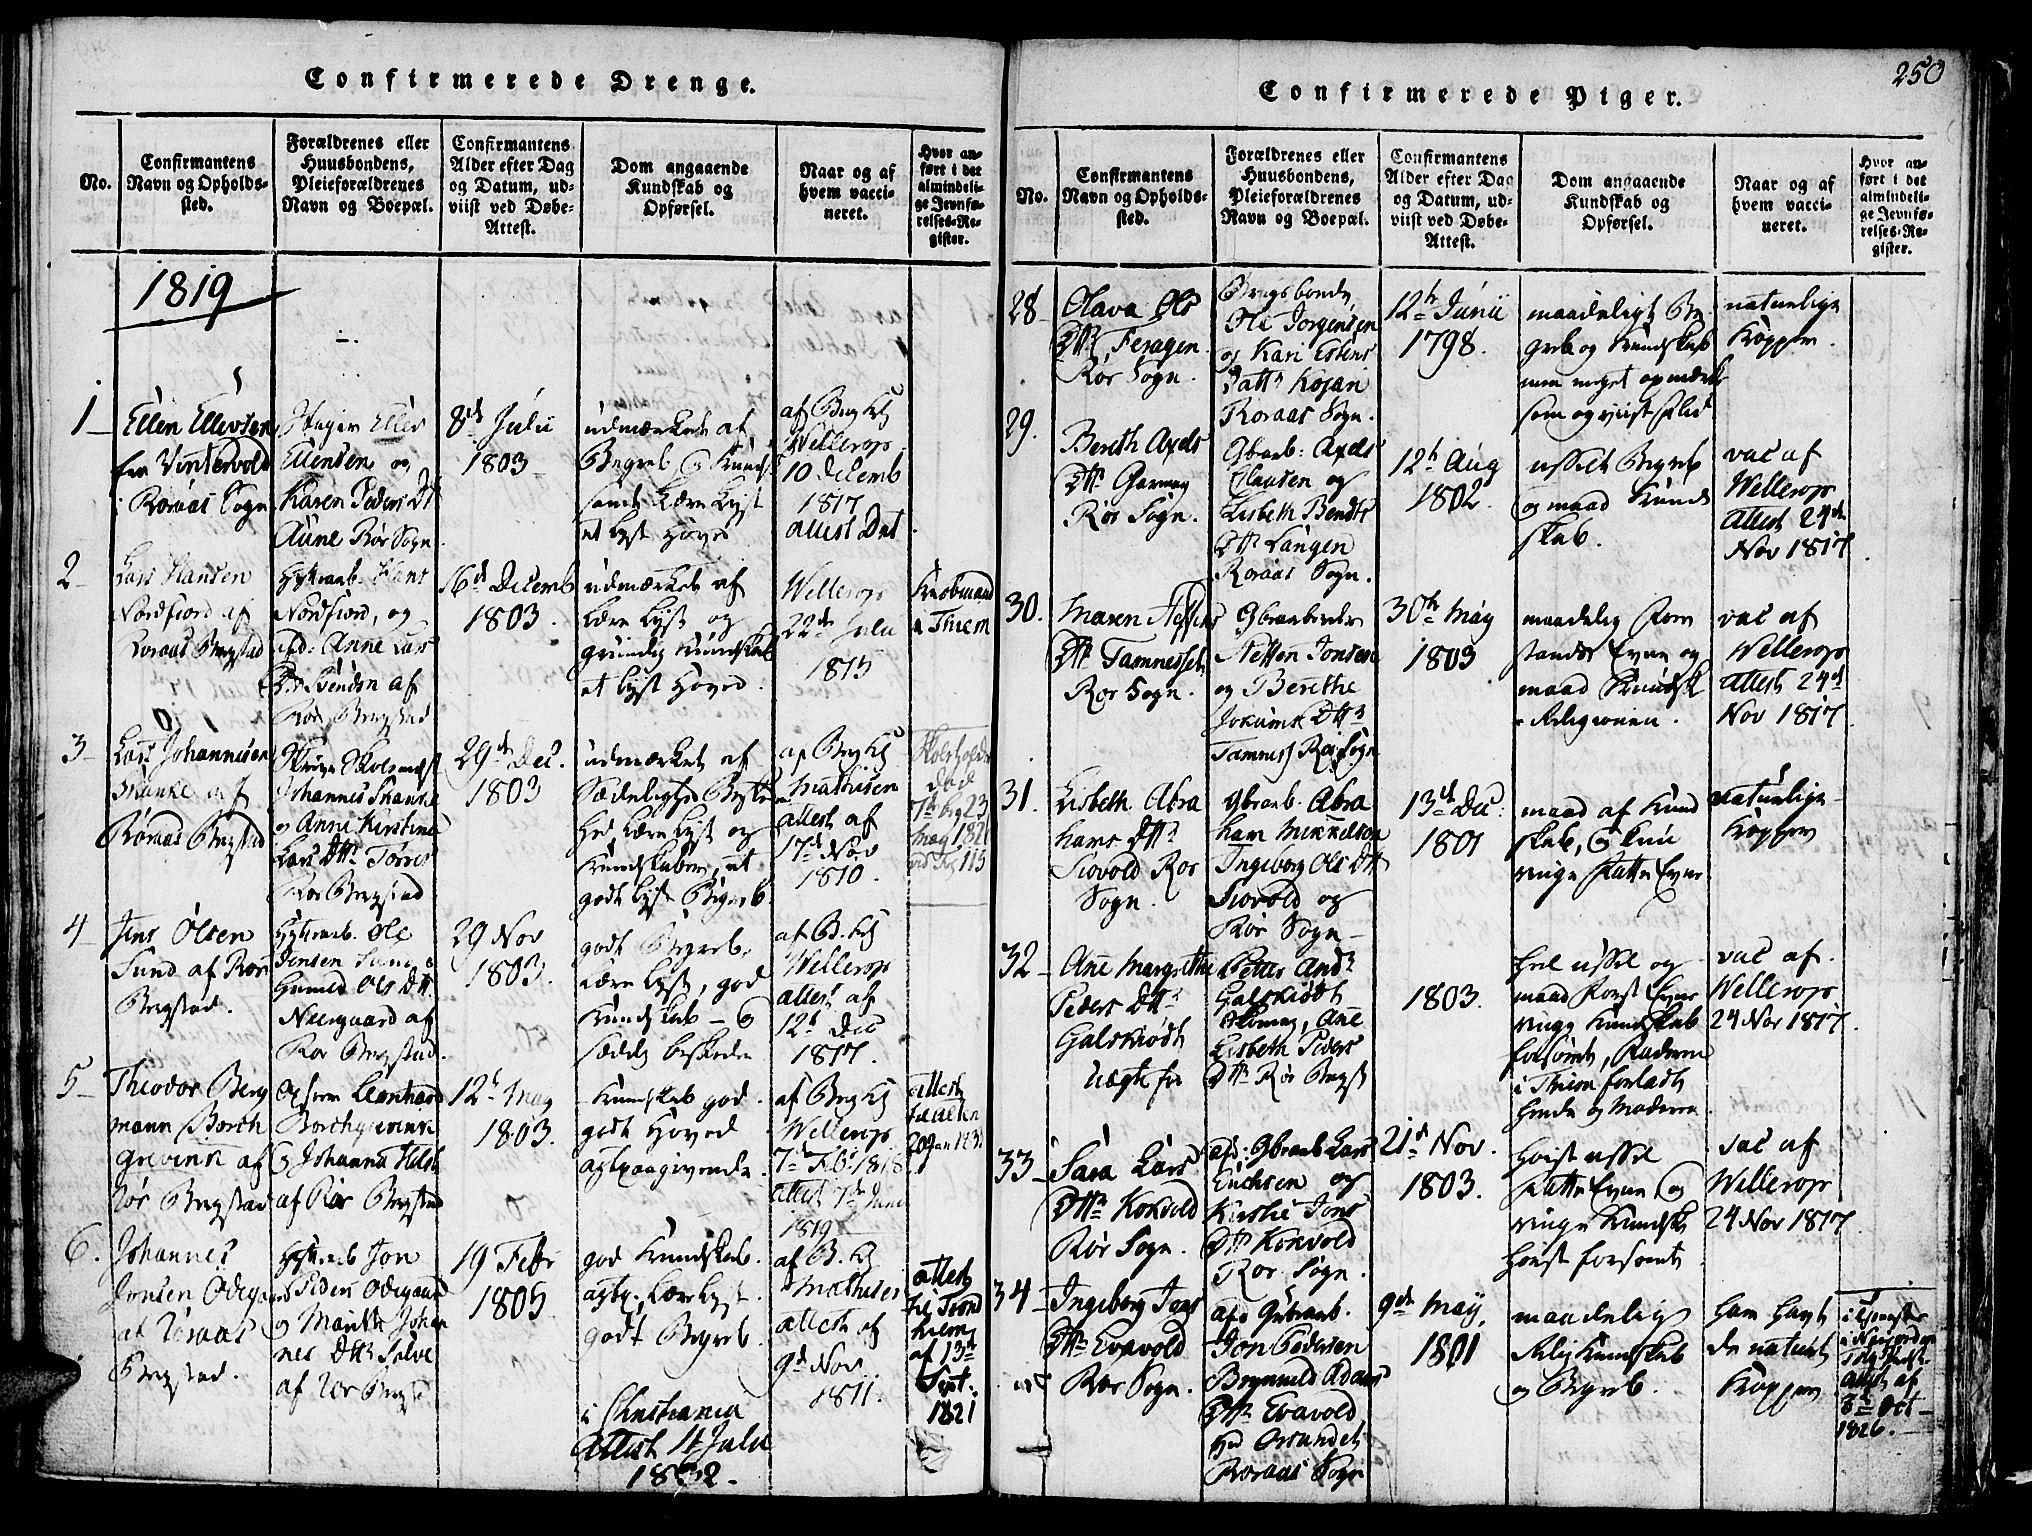 SAT, Ministerialprotokoller, klokkerbøker og fødselsregistre - Sør-Trøndelag, 681/L0929: Ministerialbok nr. 681A07, 1817-1828, s. 250